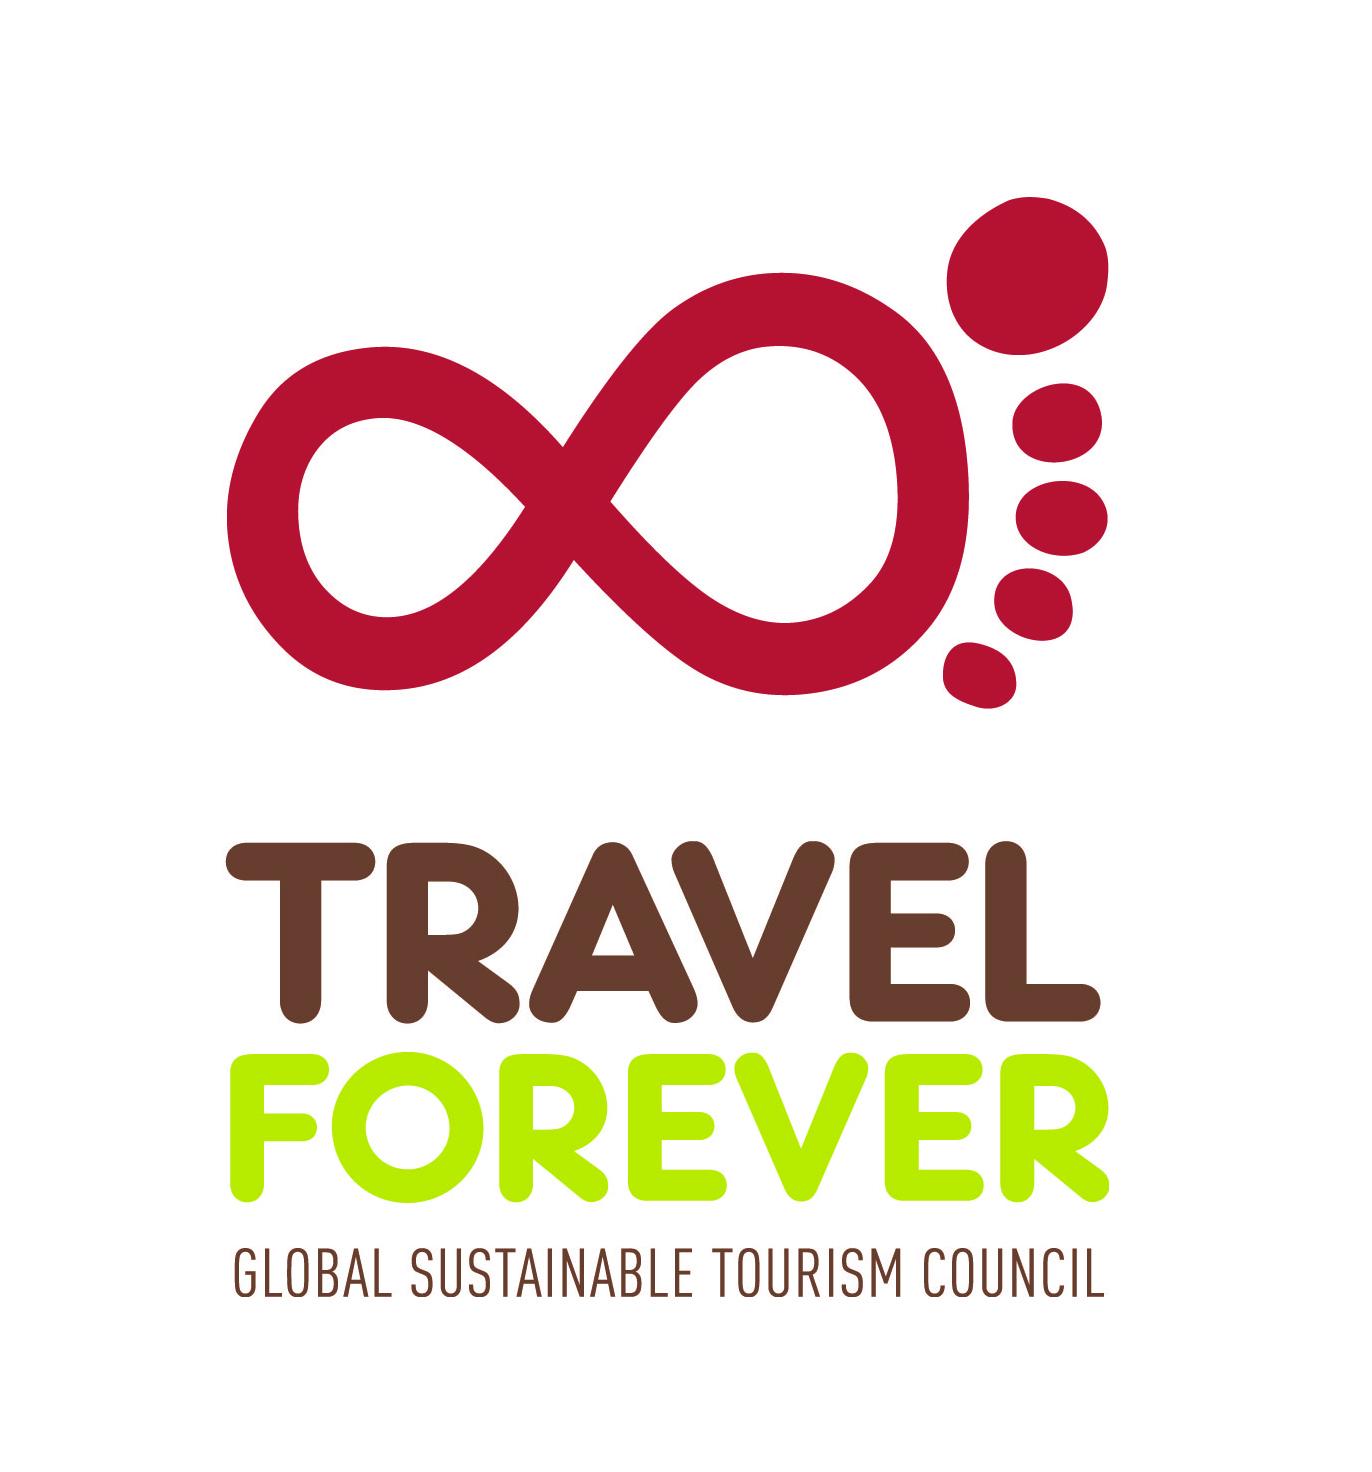 Segunda edición del Open Forum de GSTC